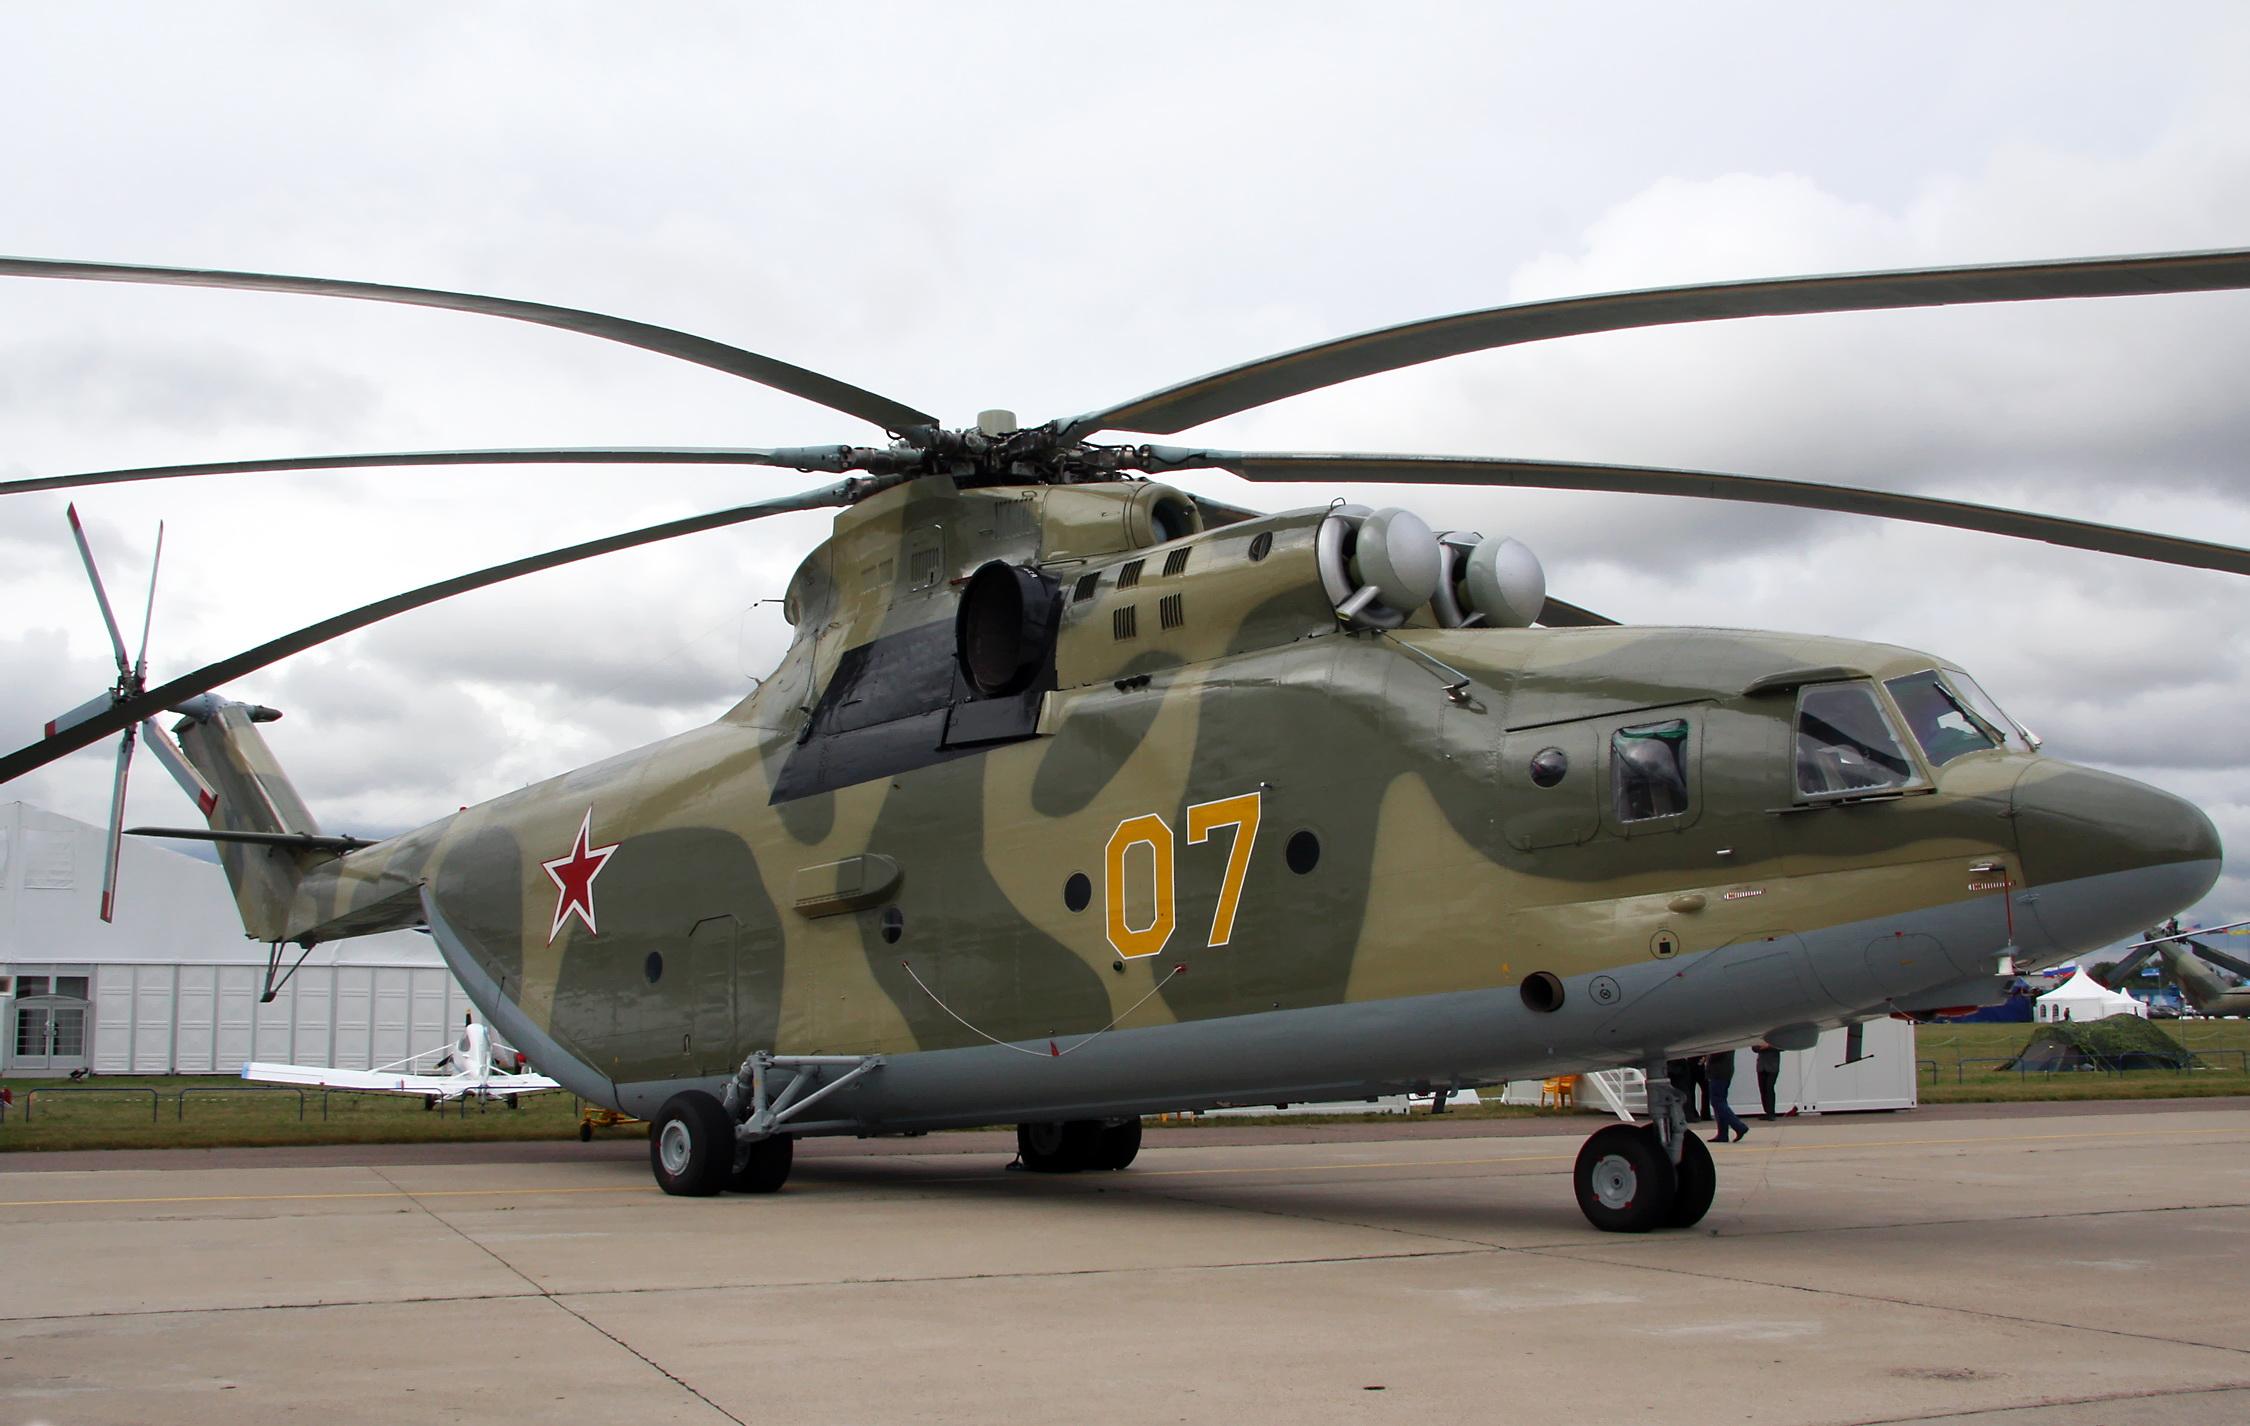 Военный вертолет совершил жесткую посадку в Моздоке